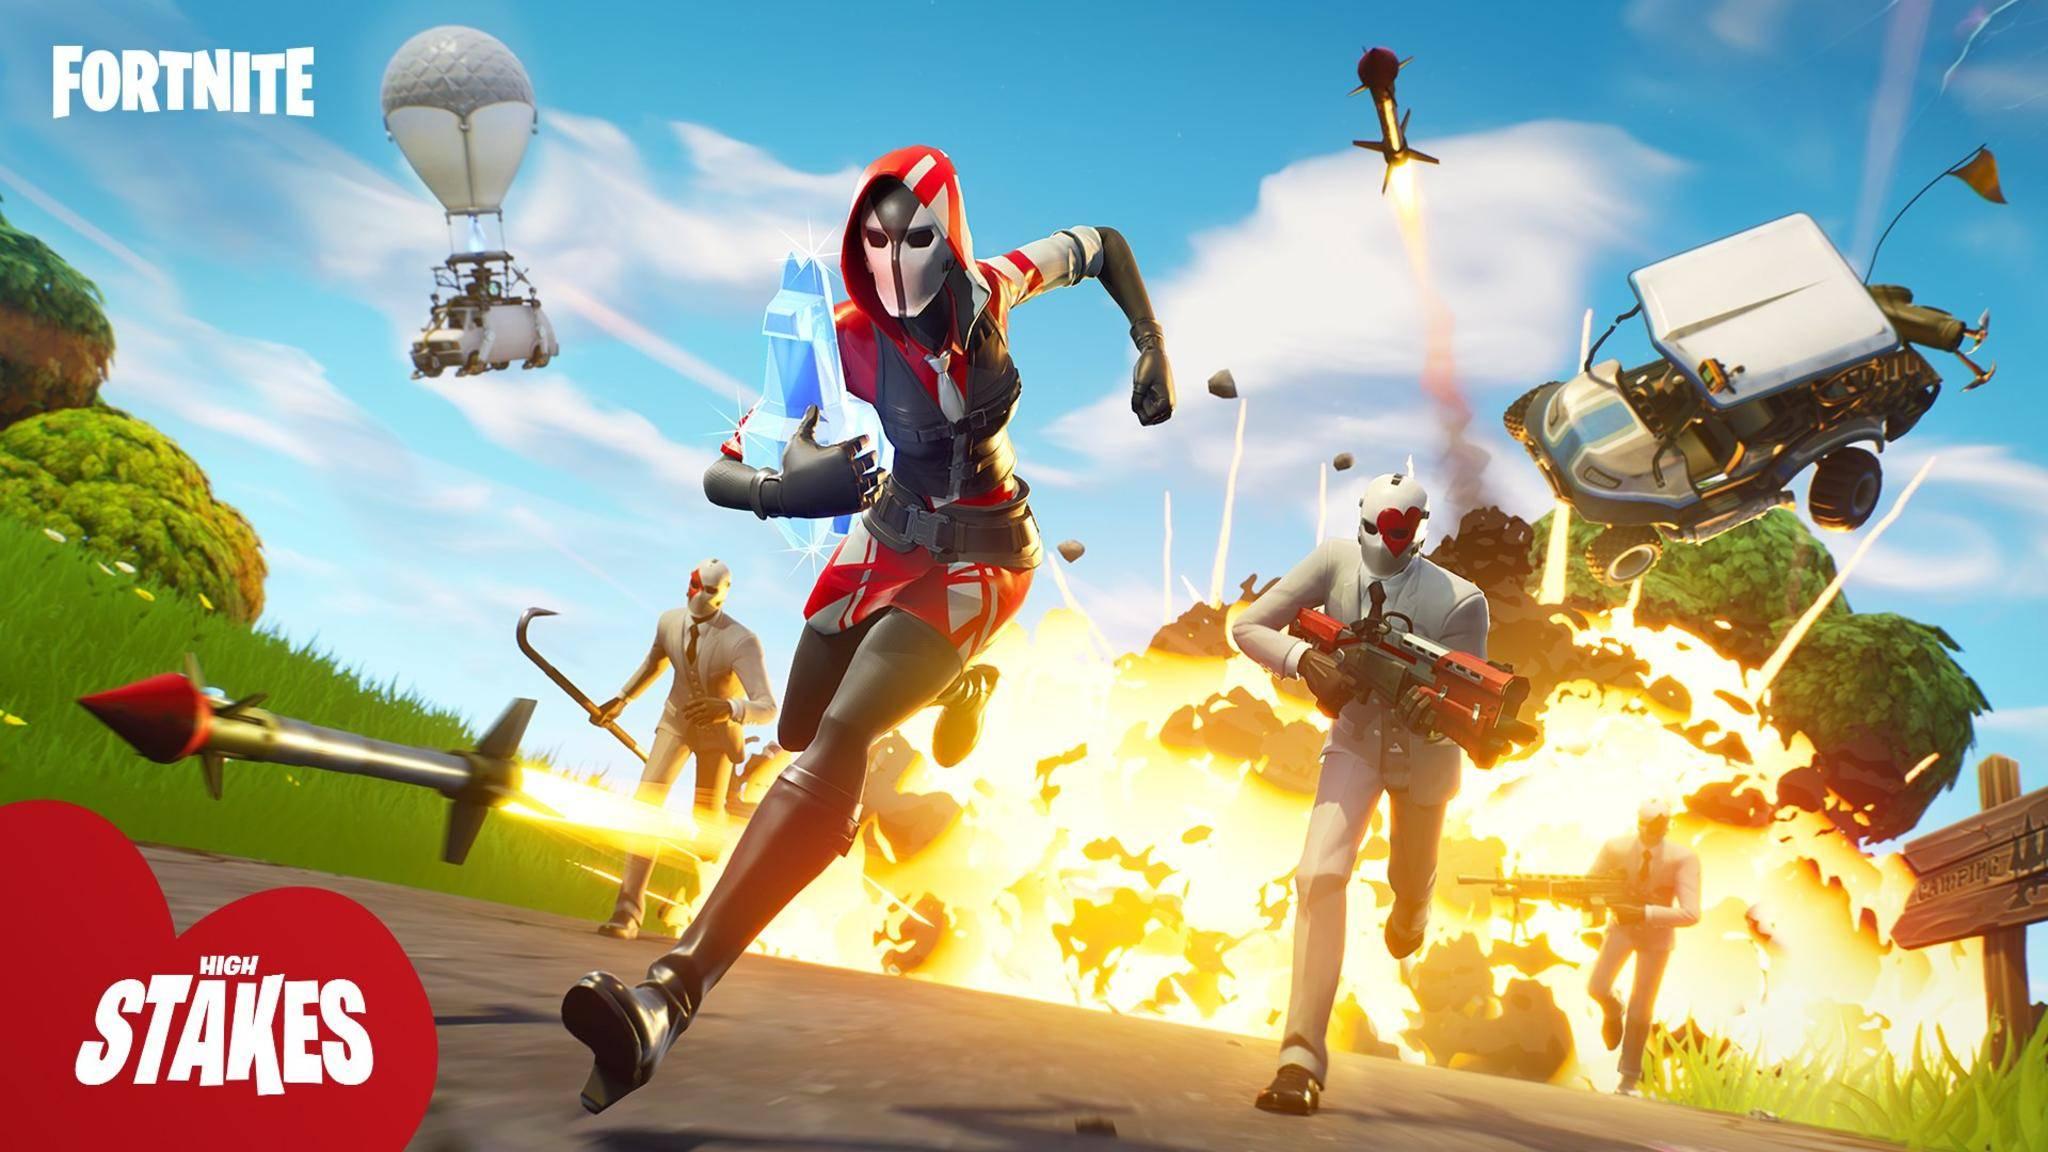 """""""Fortnite"""" krallt sich die besten Features anderer Games – ist das ein Problem?"""